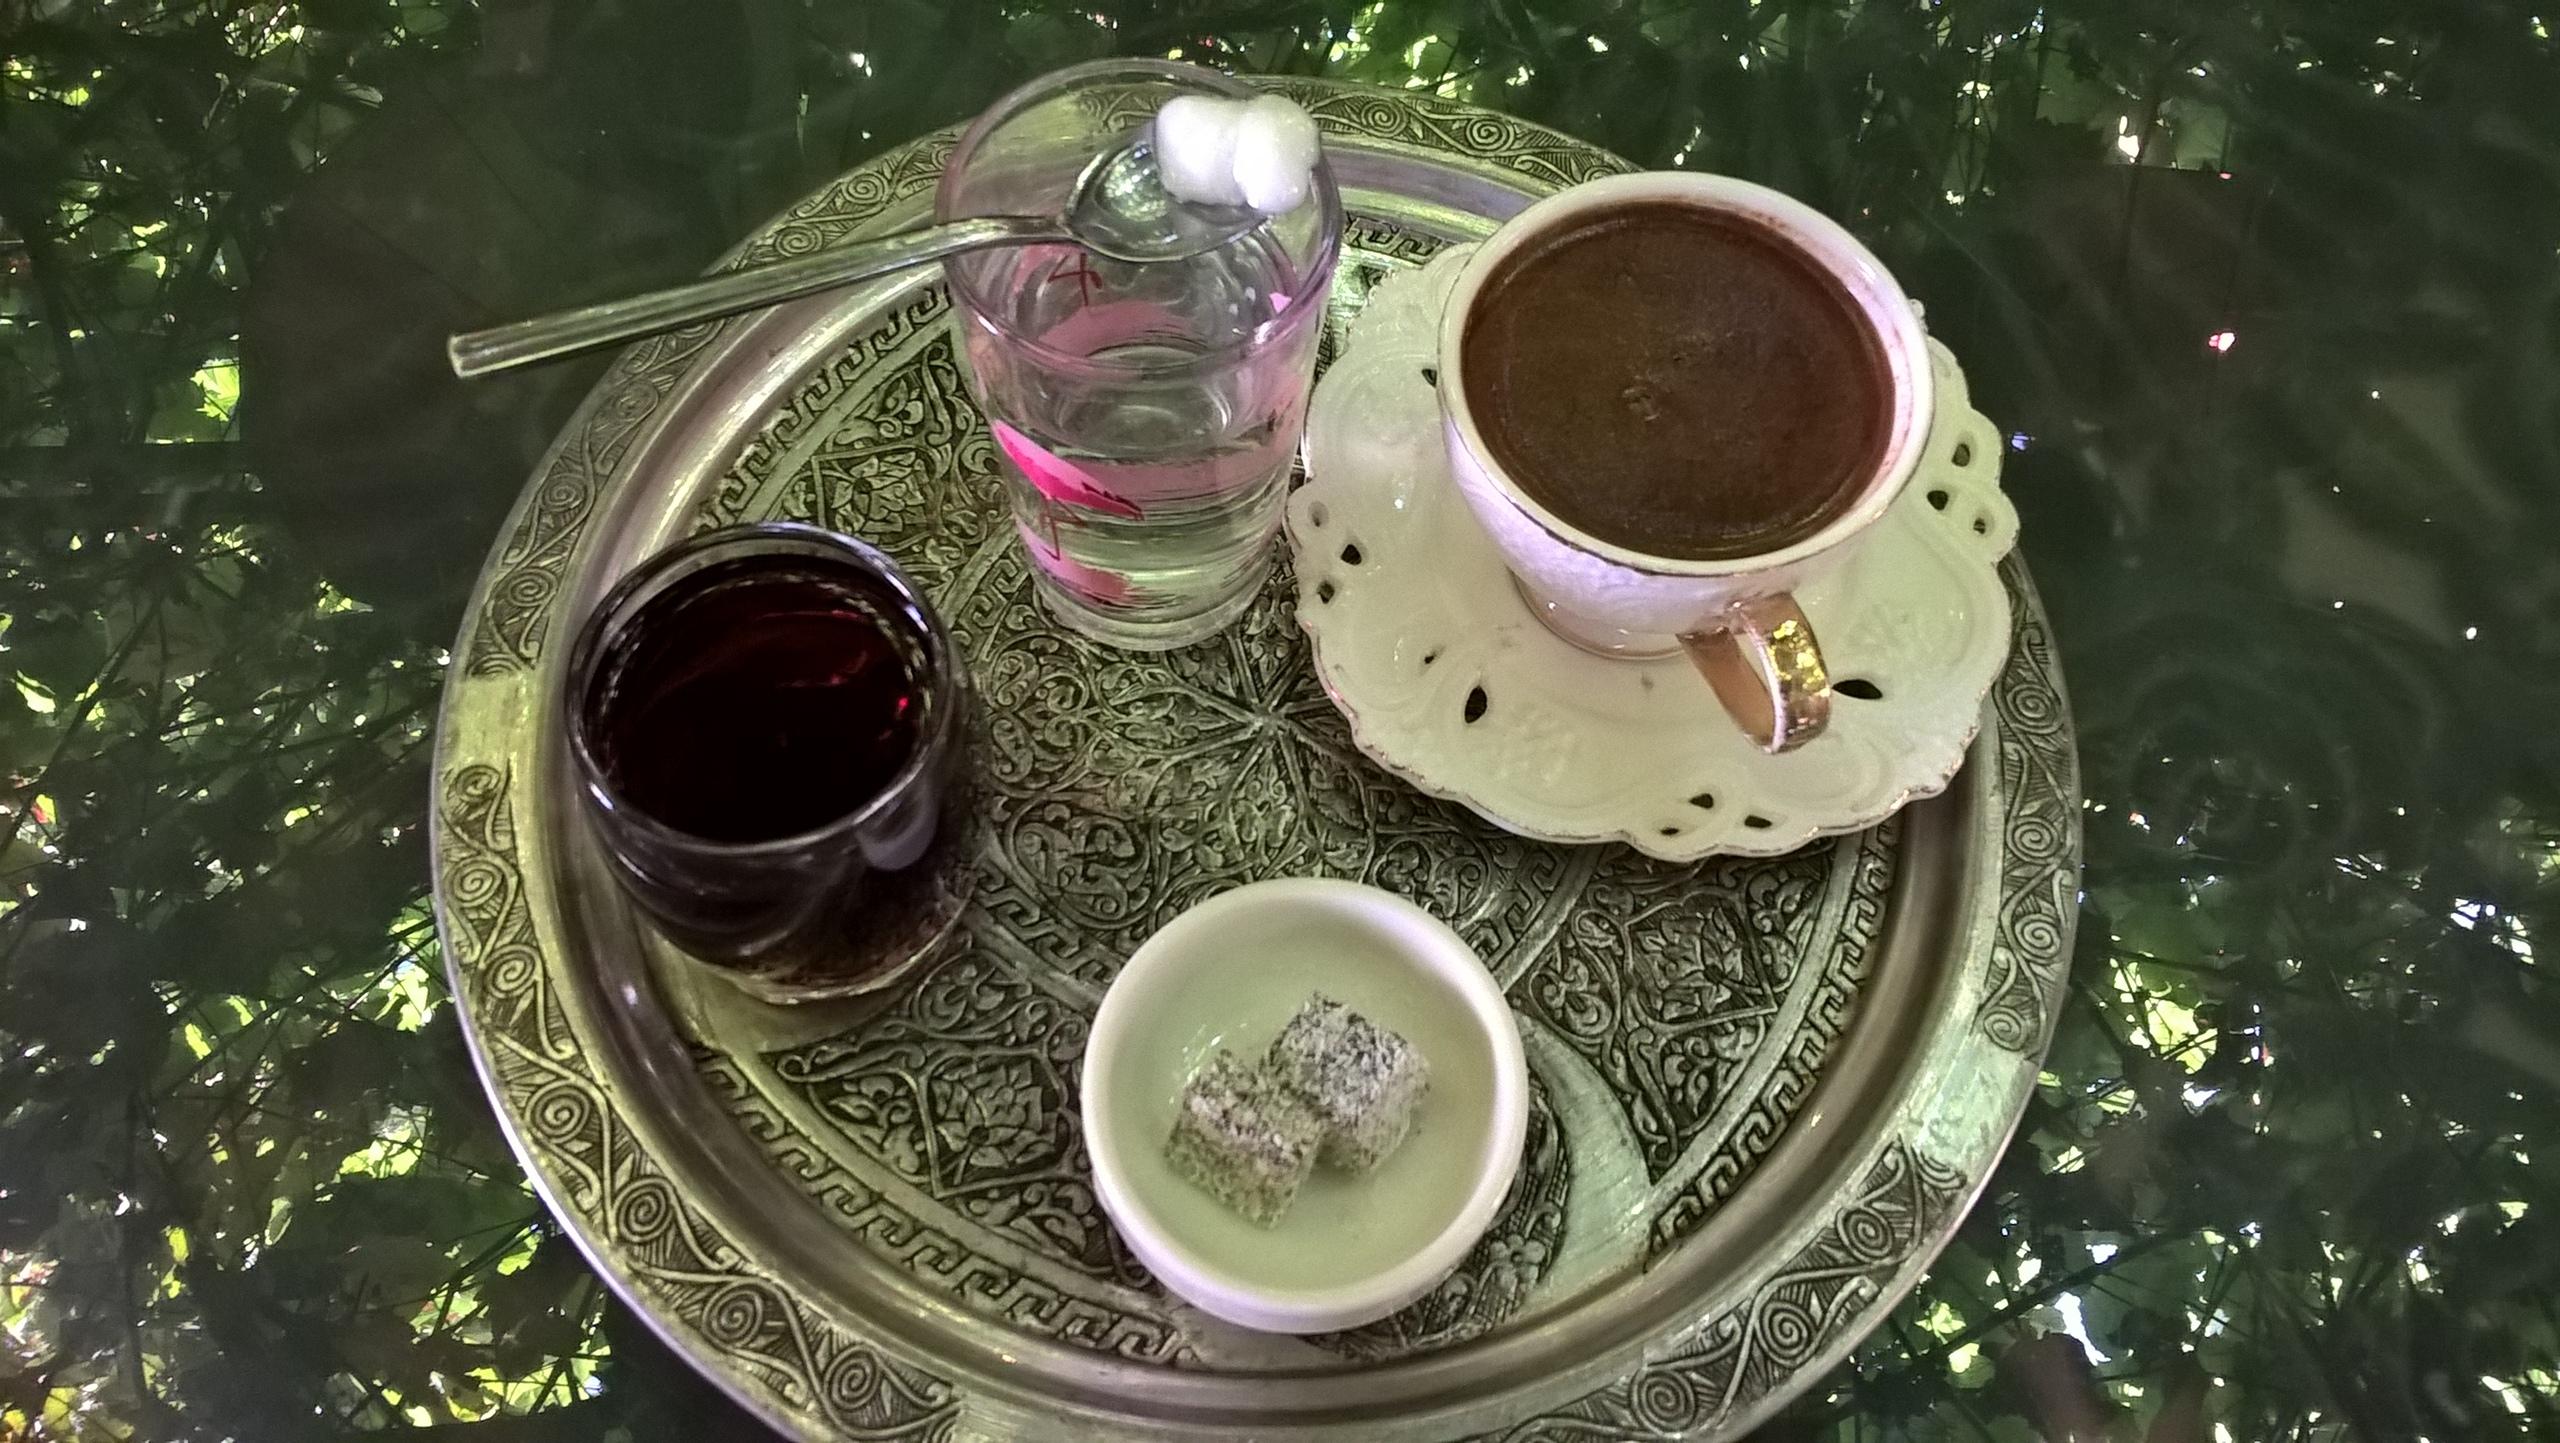 Джентельменский набор из кофе, компота, воды и десерта